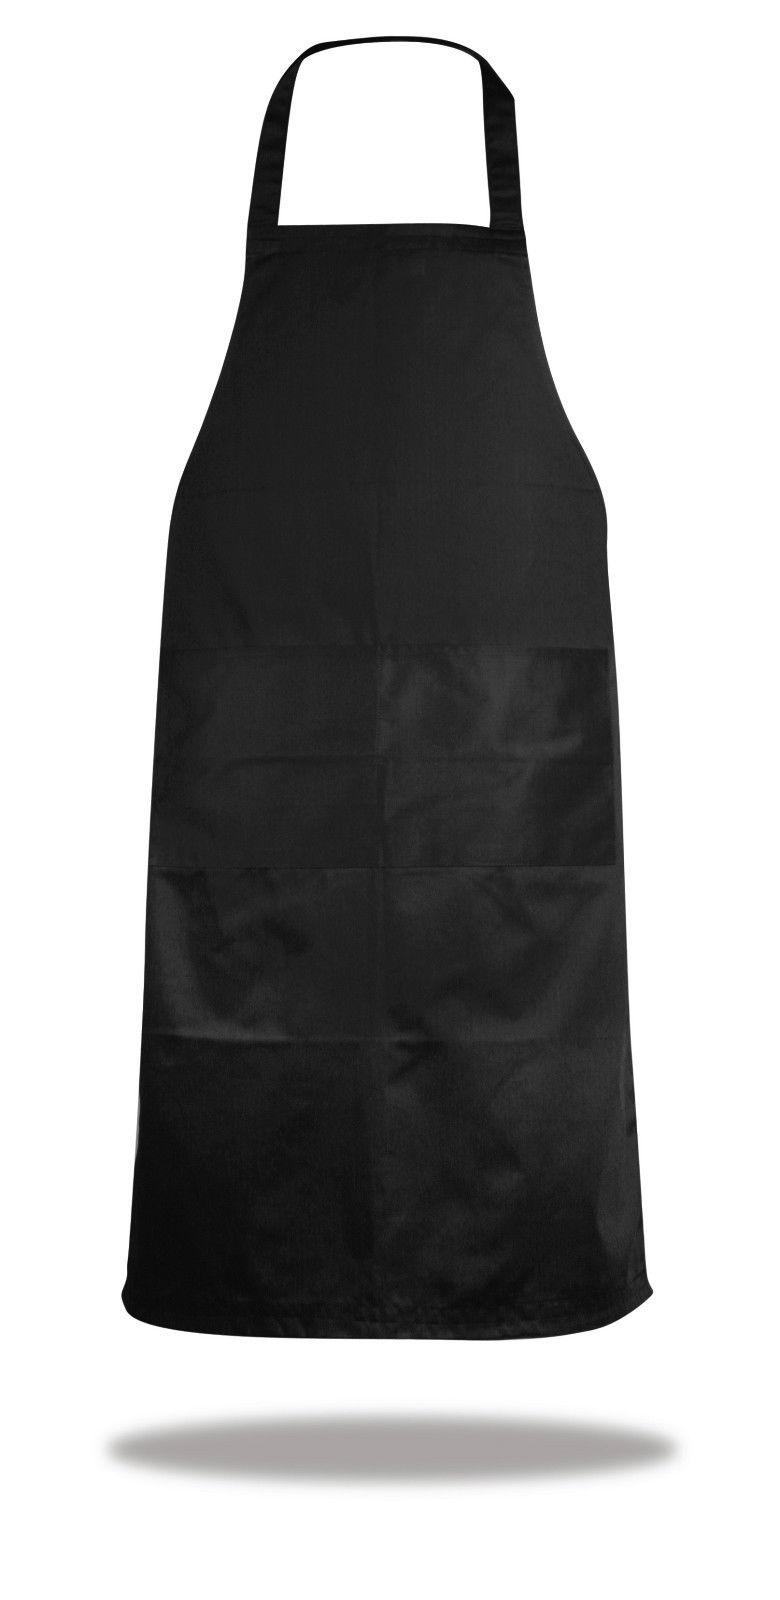 Grembiule classico nero da cucina bar ristorante cucina - Grembiule da cucina ...